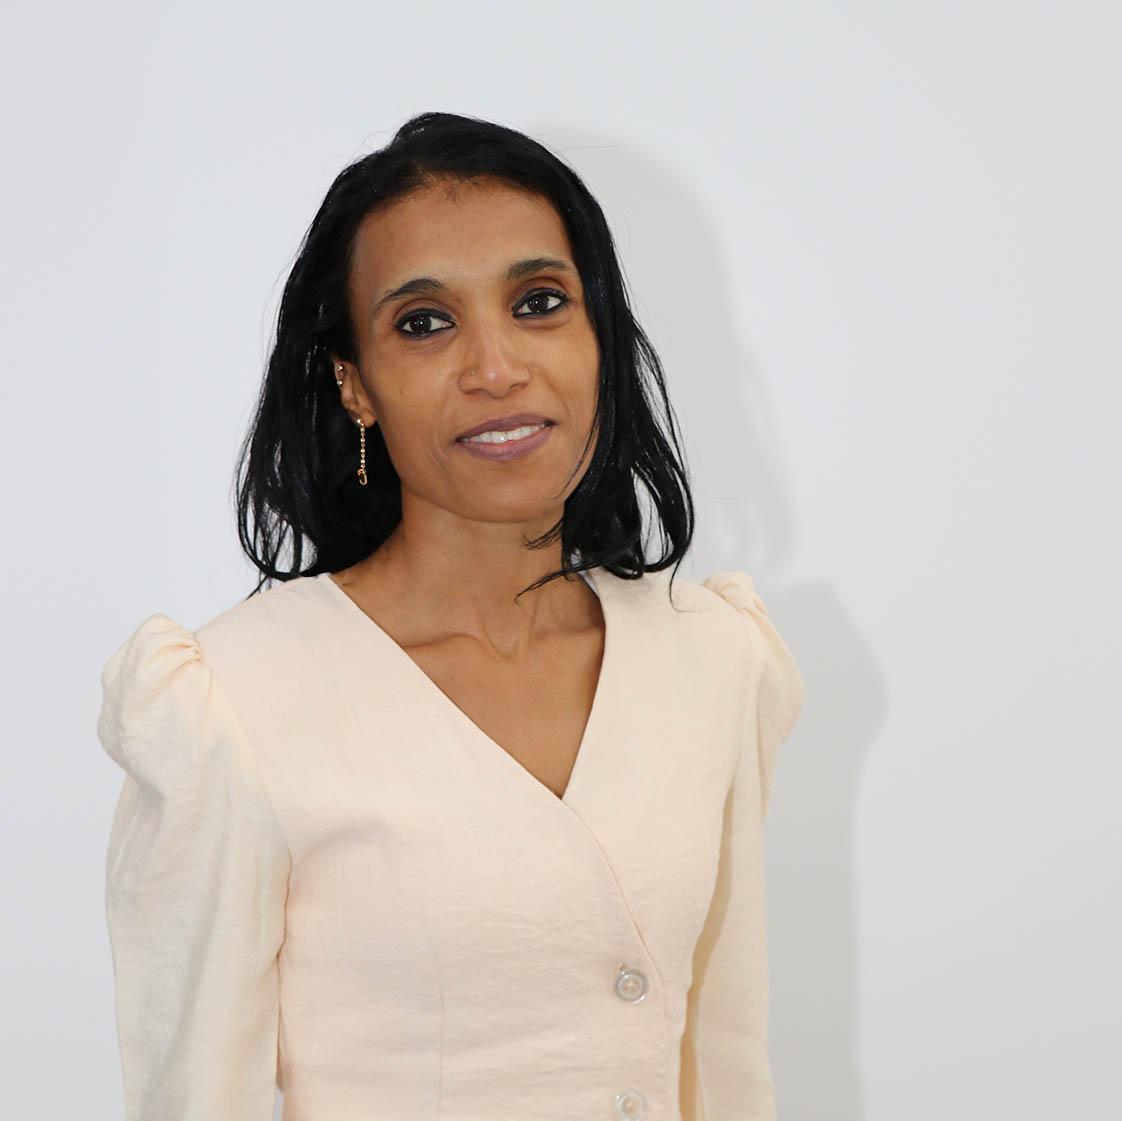 Ms. Samia Ibrahimo